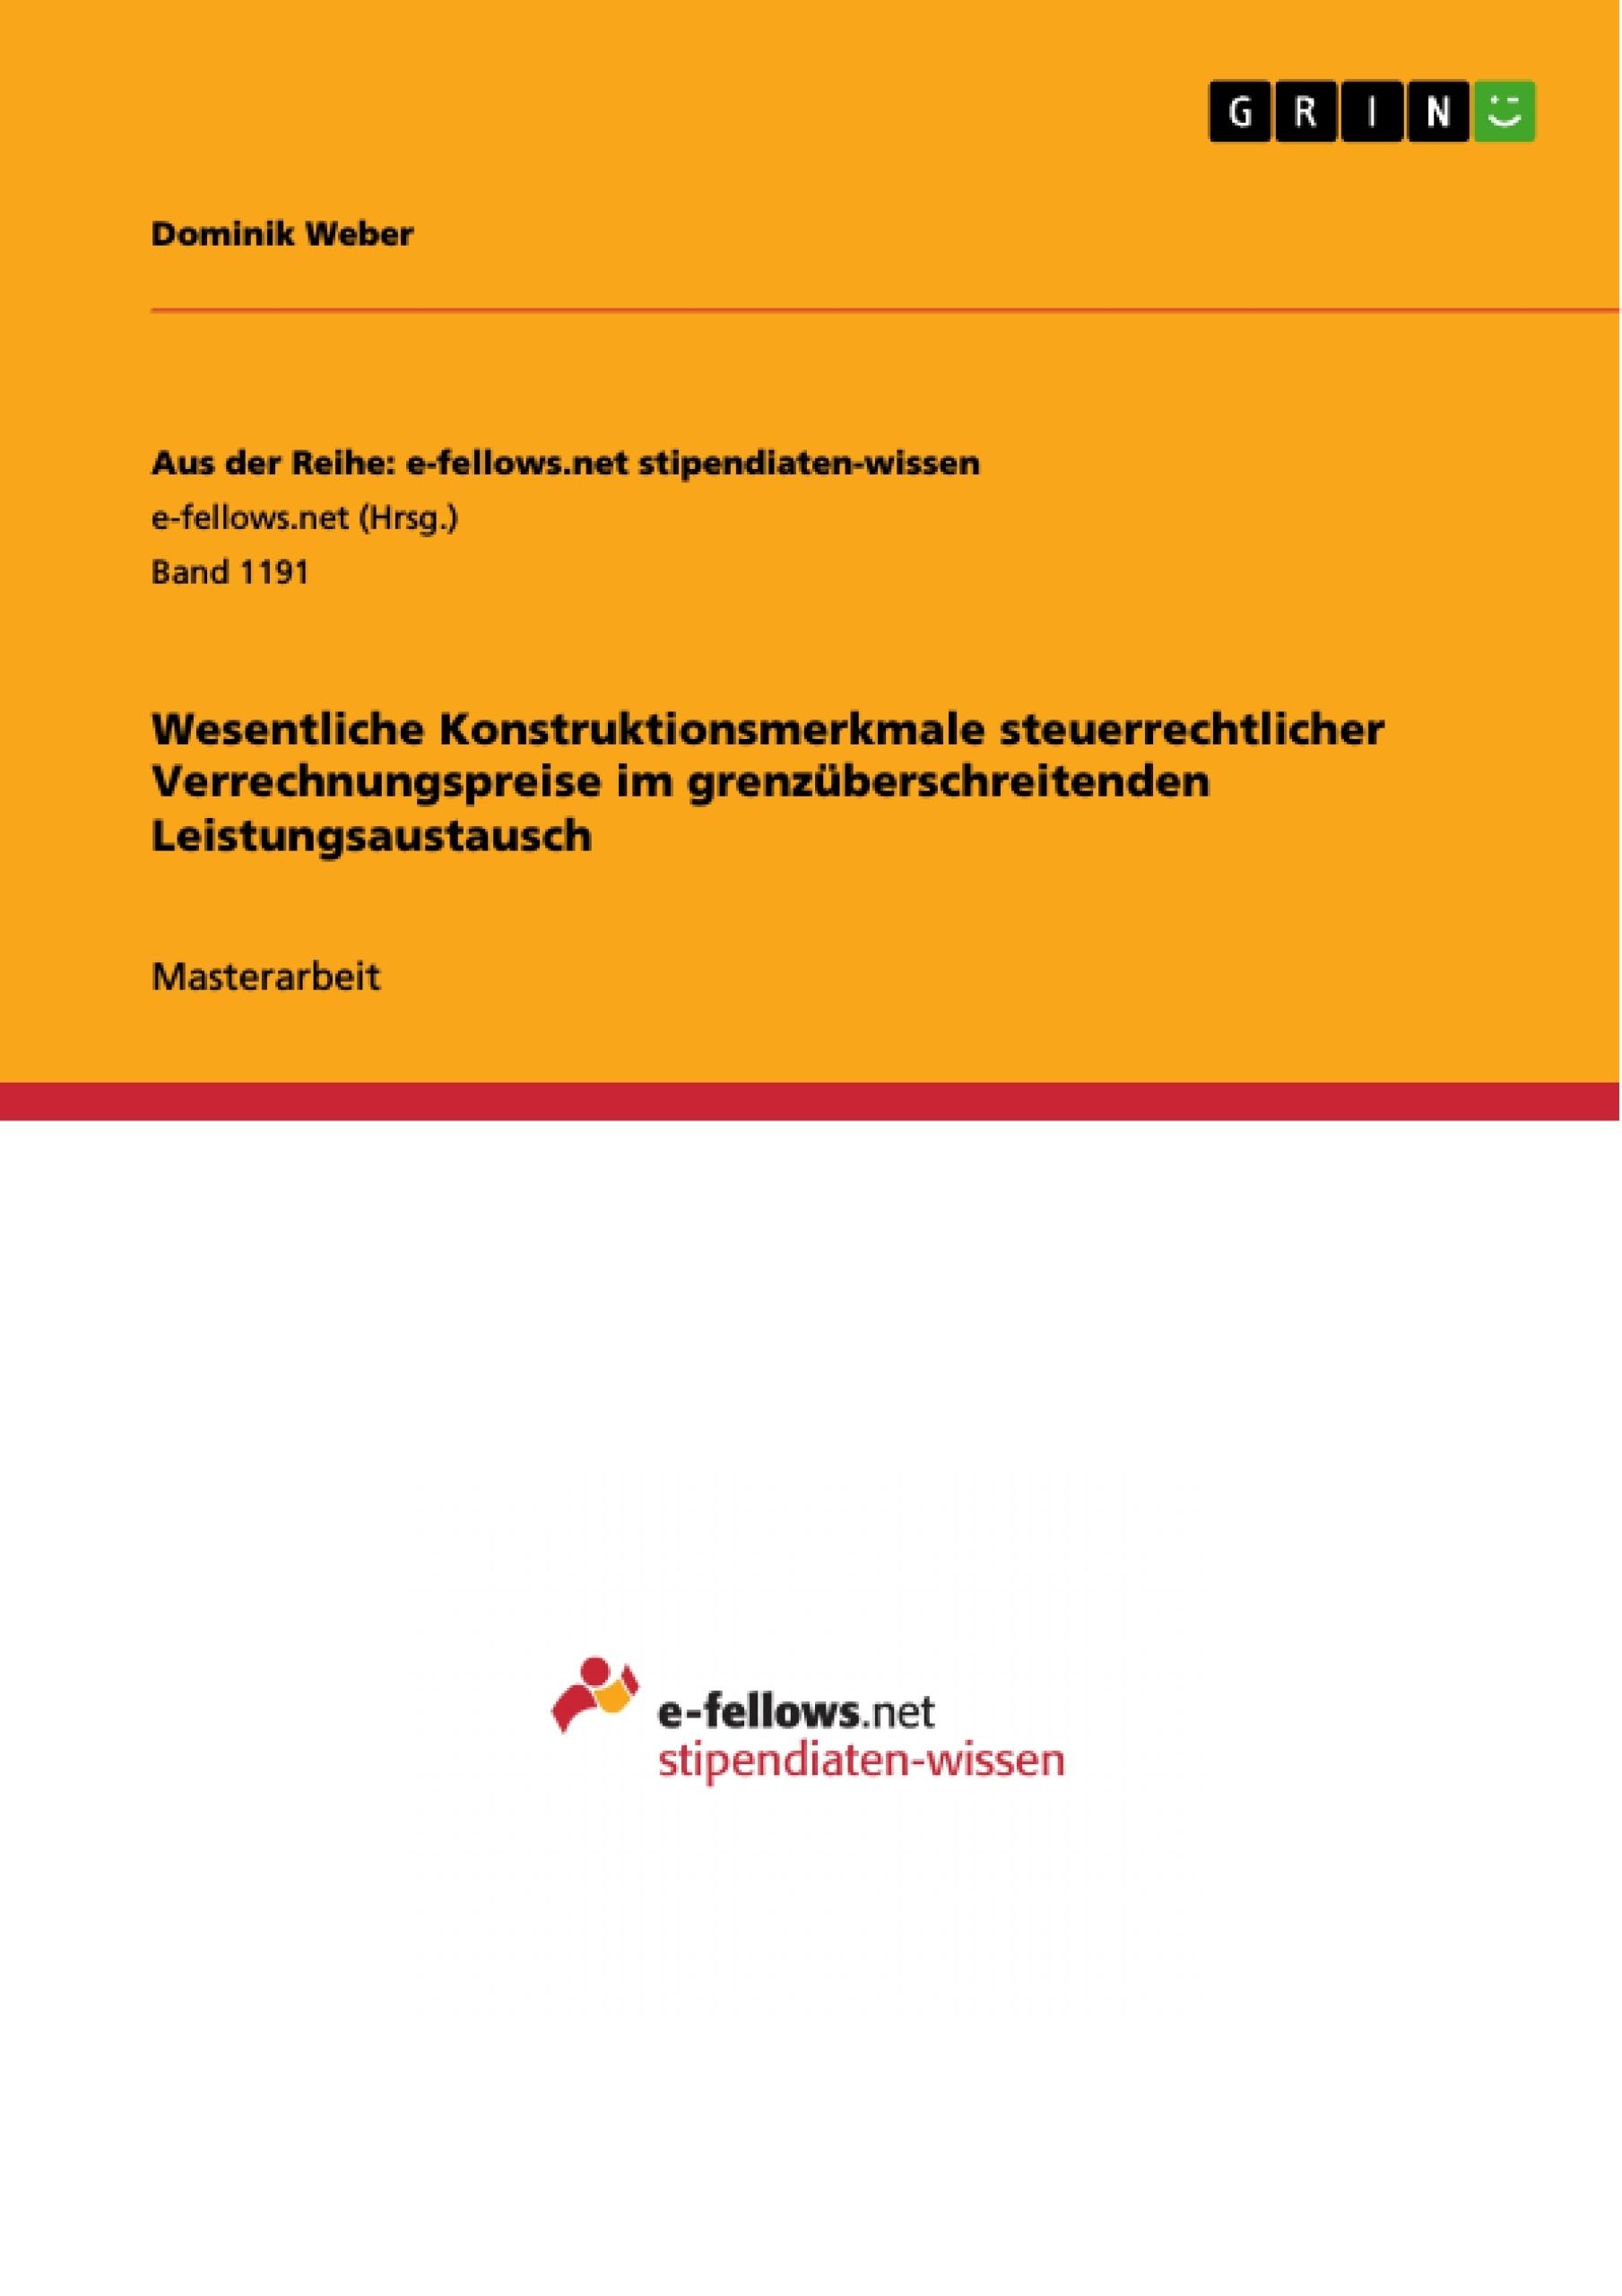 Titel: Wesentliche Konstruktionsmerkmale steuerrechtlicher Verrechnungspreise im grenzüberschreitenden Leistungsaustausch